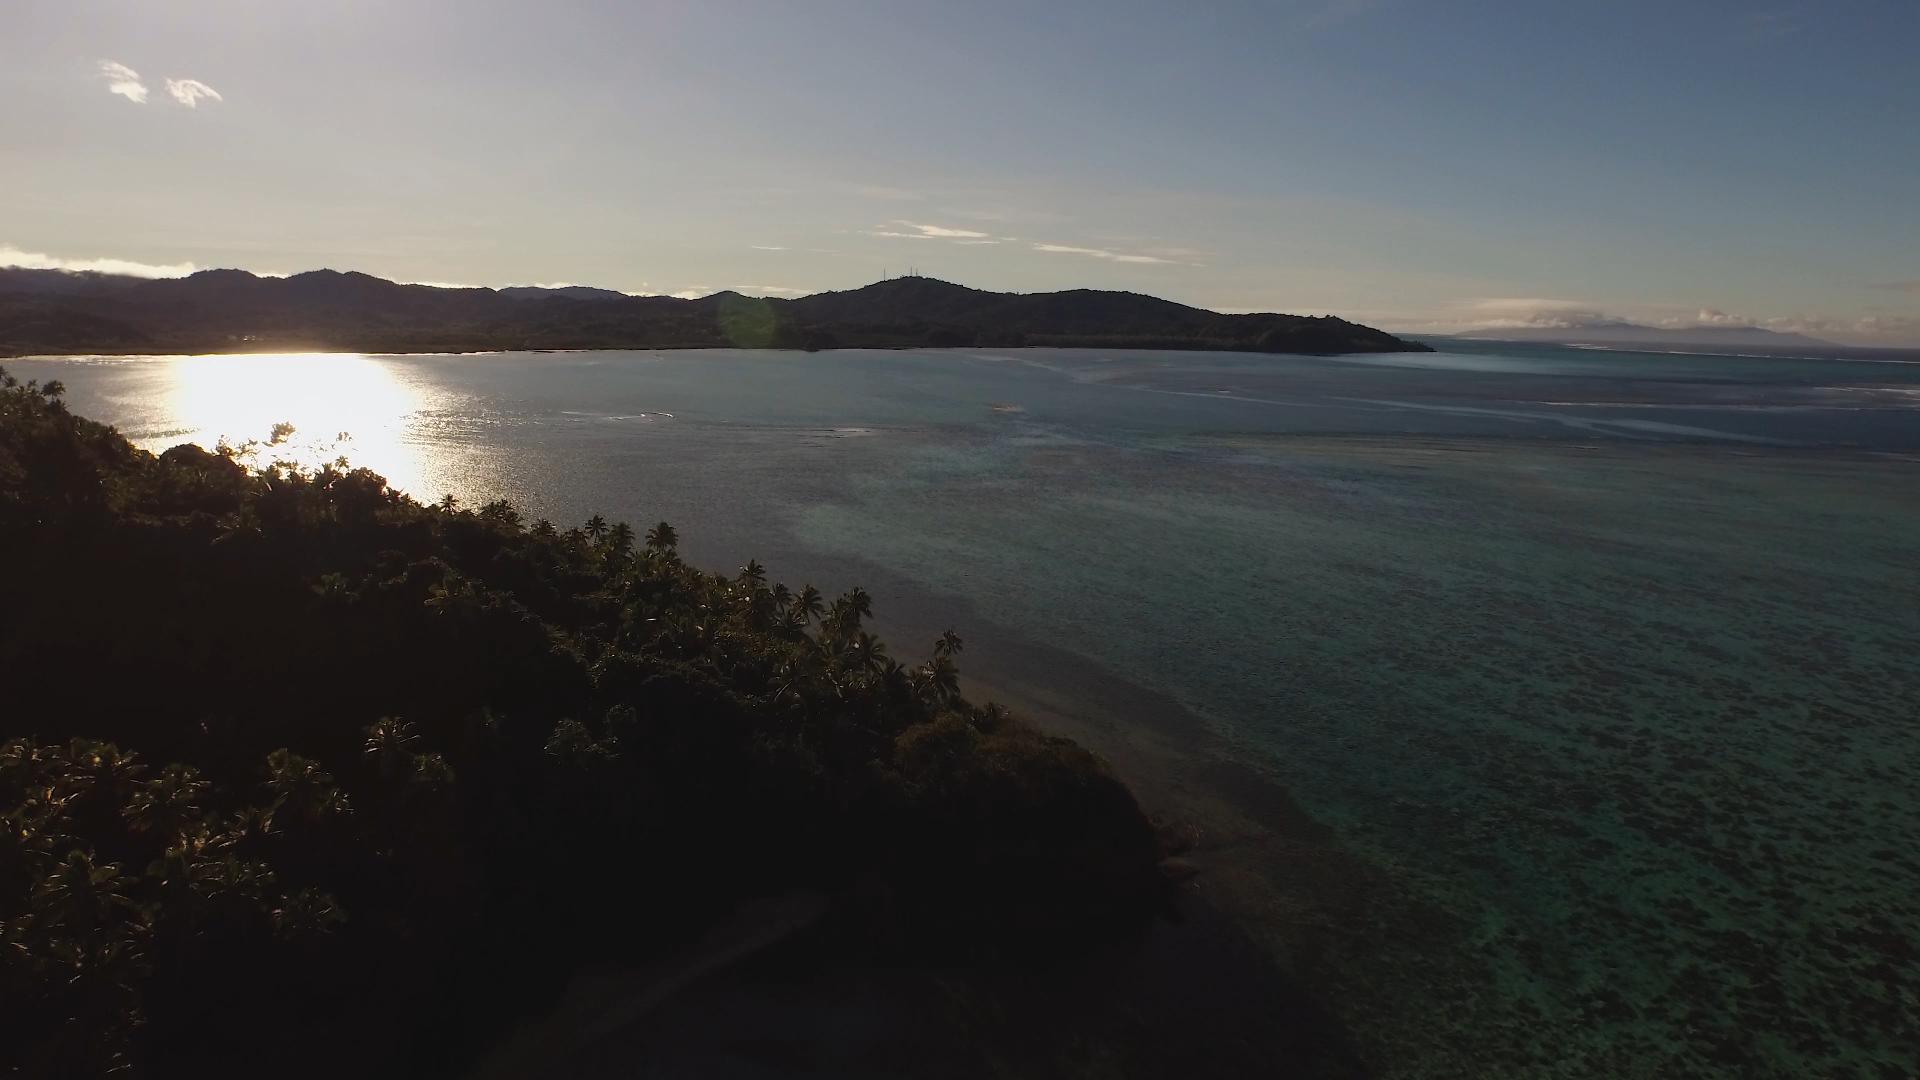 Drone photo taken in Fiji